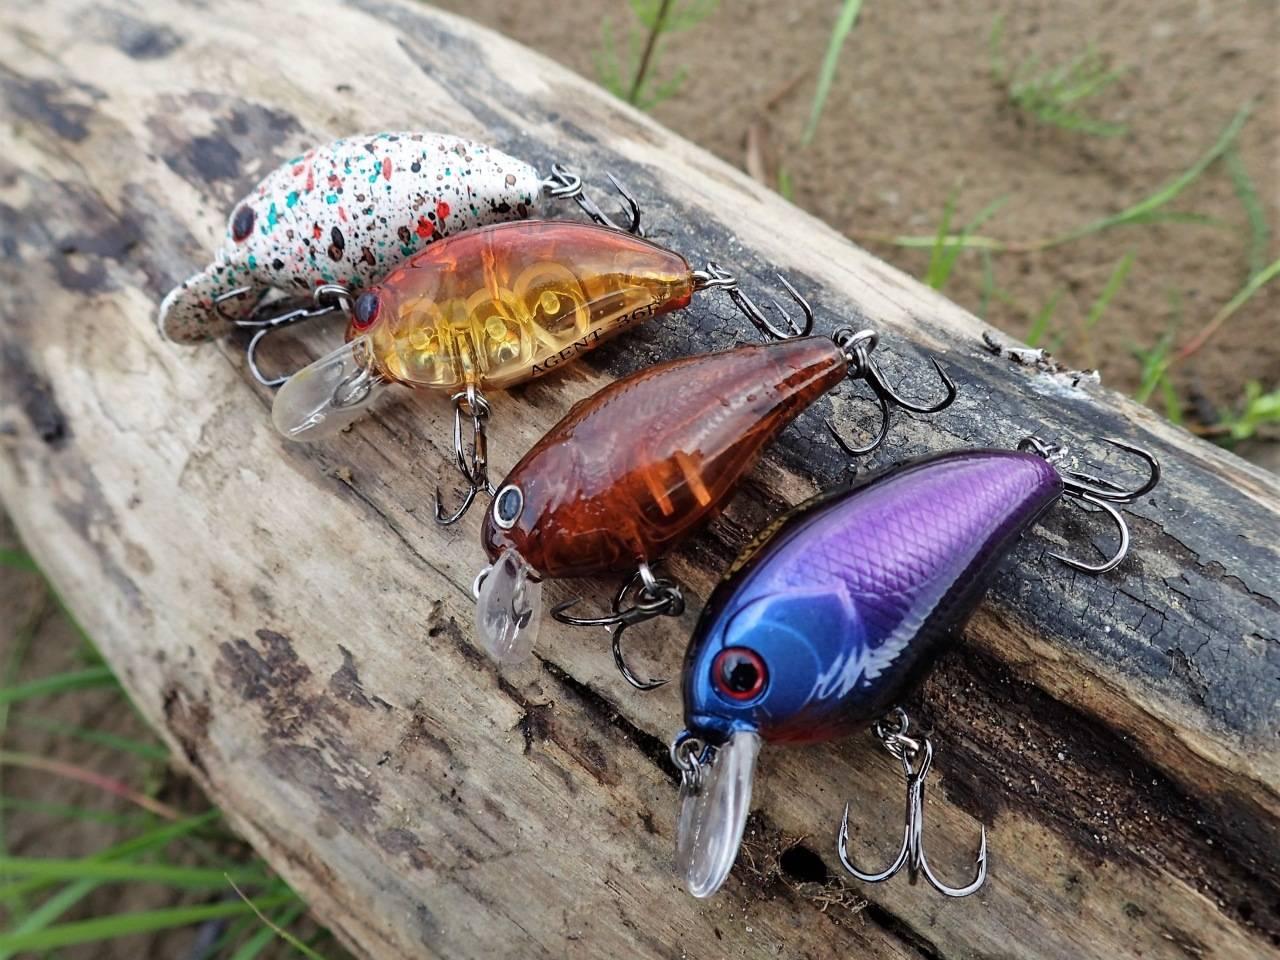 Рыбалка на спиннинг | спиннинг клаб - советы для начинающих рыбаков кренки на щуку – рейтинг топ 10 уловистых приманок